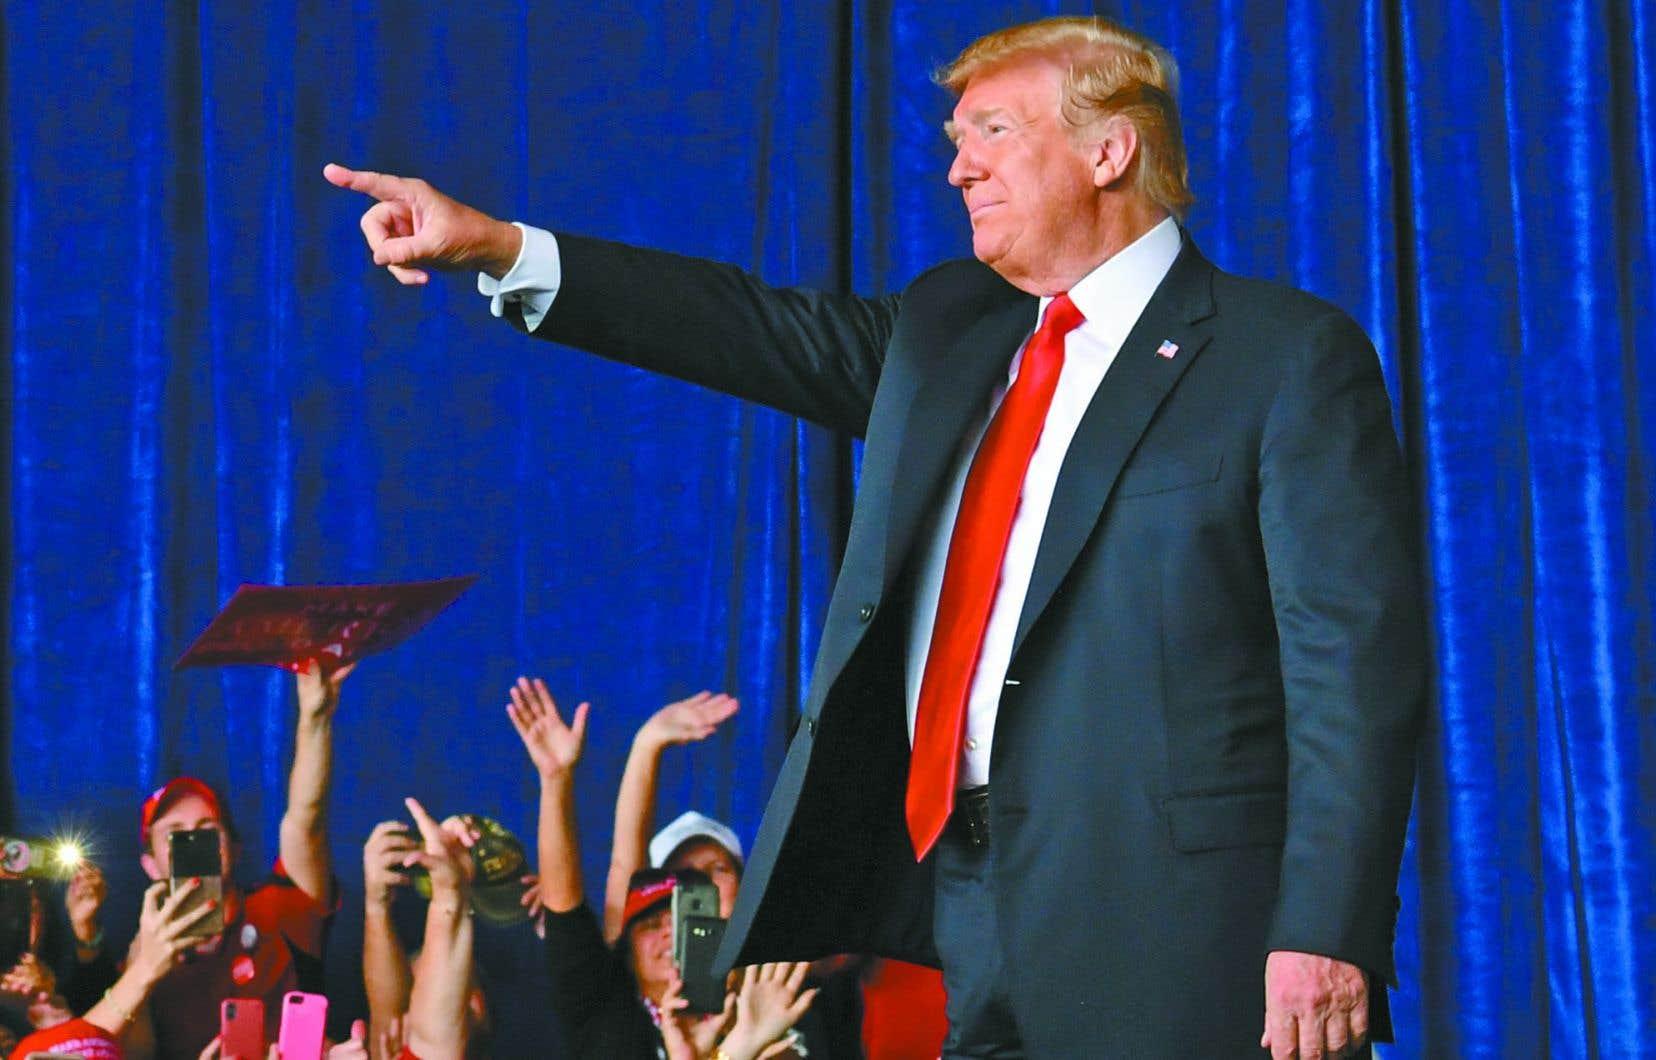 Le président américain, Donald Trump, a poursuivi sa tournée des États-Unis dimanche pour empêcher une victoire démocrate aux élections de mi-mandat mardi.